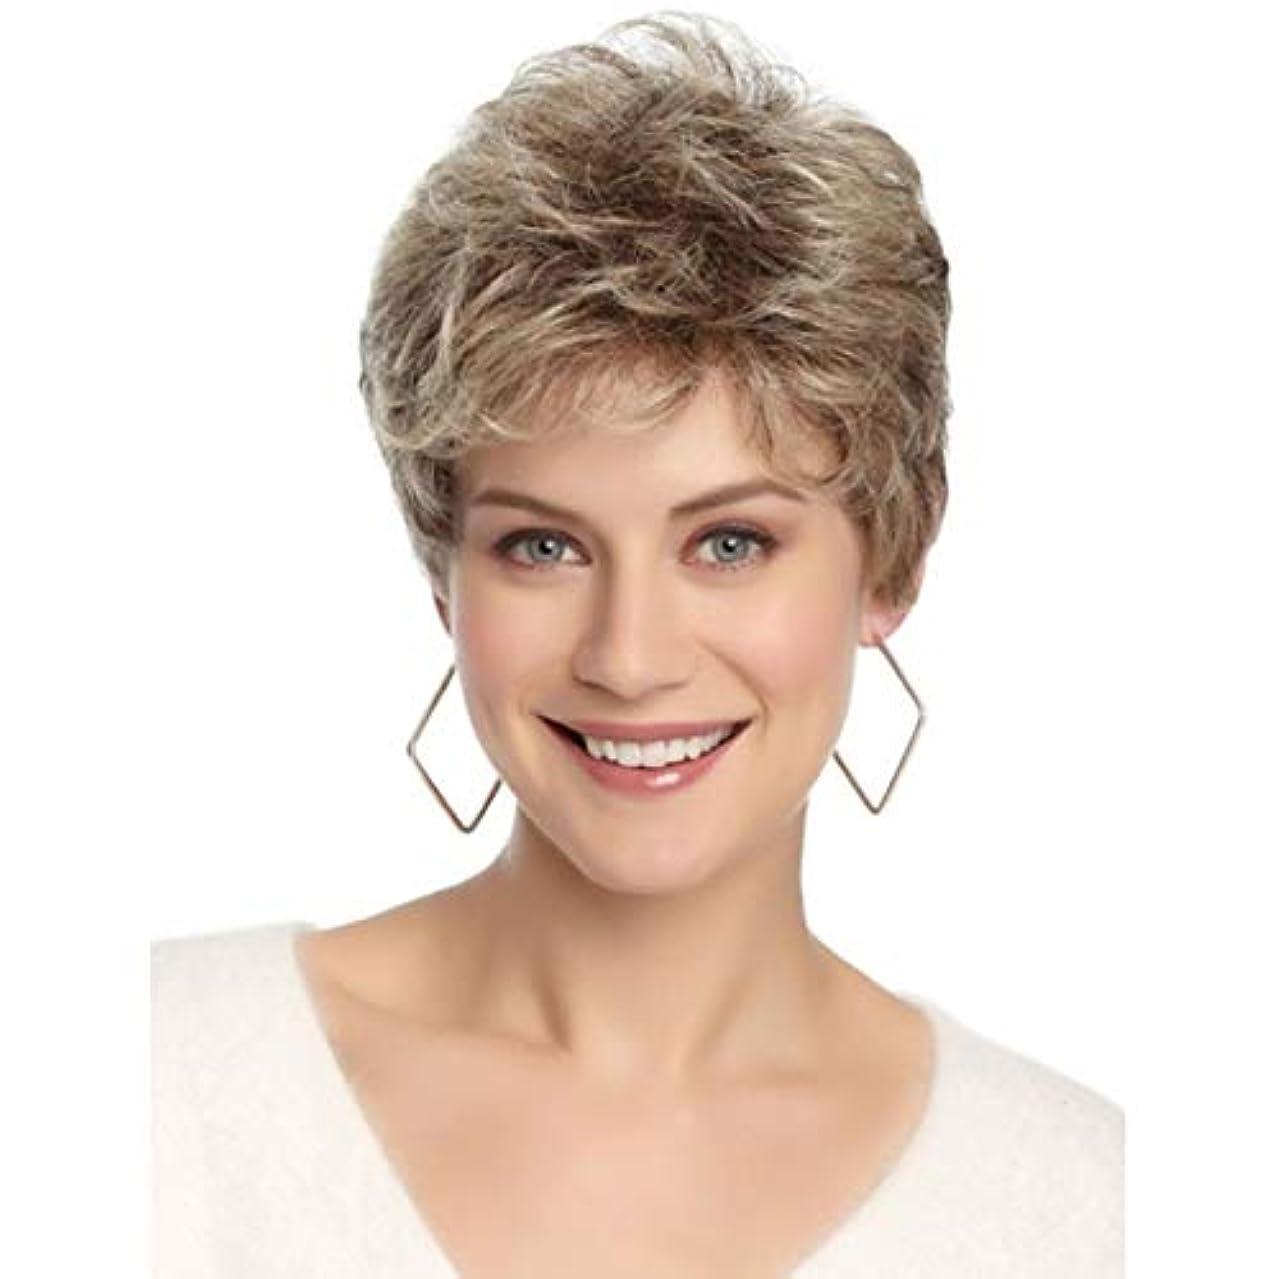 キャロラインスパイラル精緻化YOUQIU 女性の耐熱ウィッグナチュラルヘアのかつらのためのブラウン12